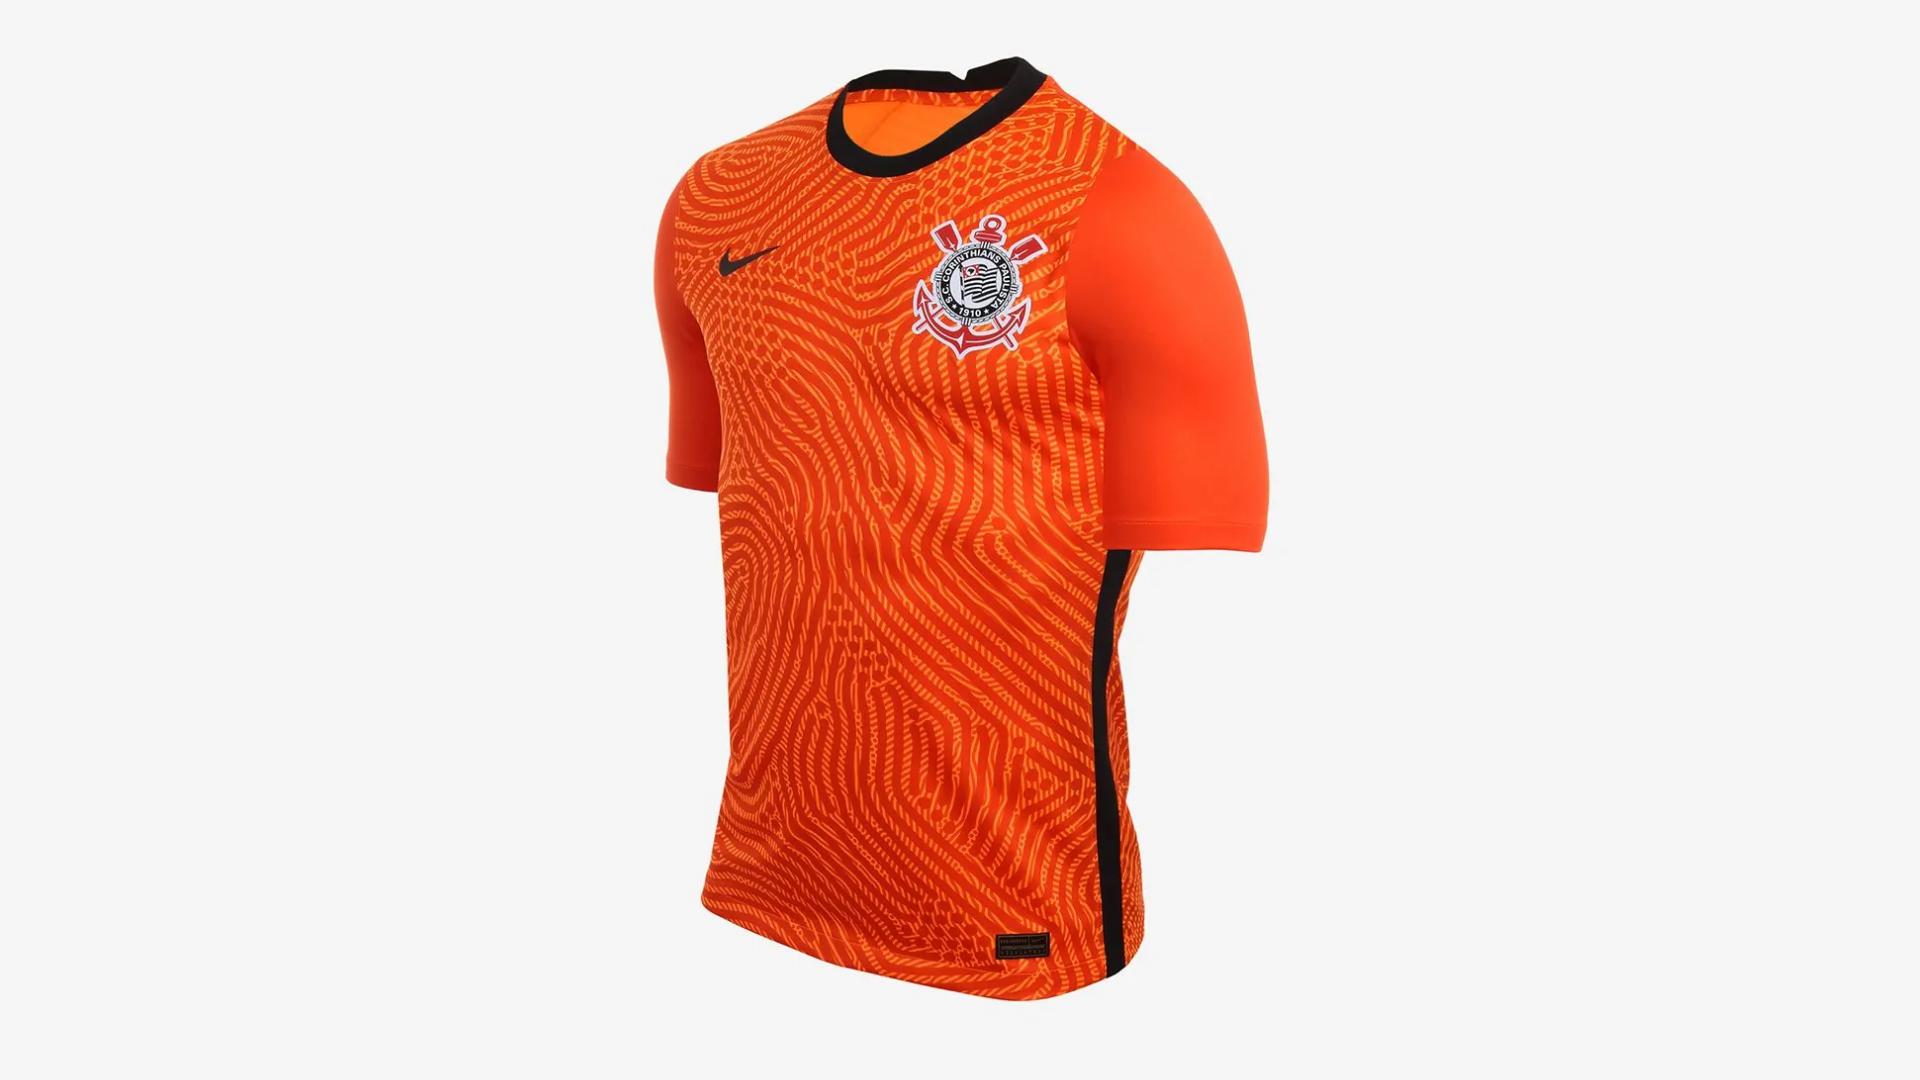 Camisa do Corinthians 2020 Nike Goleiro (Imagem: Divulgação/Nike)